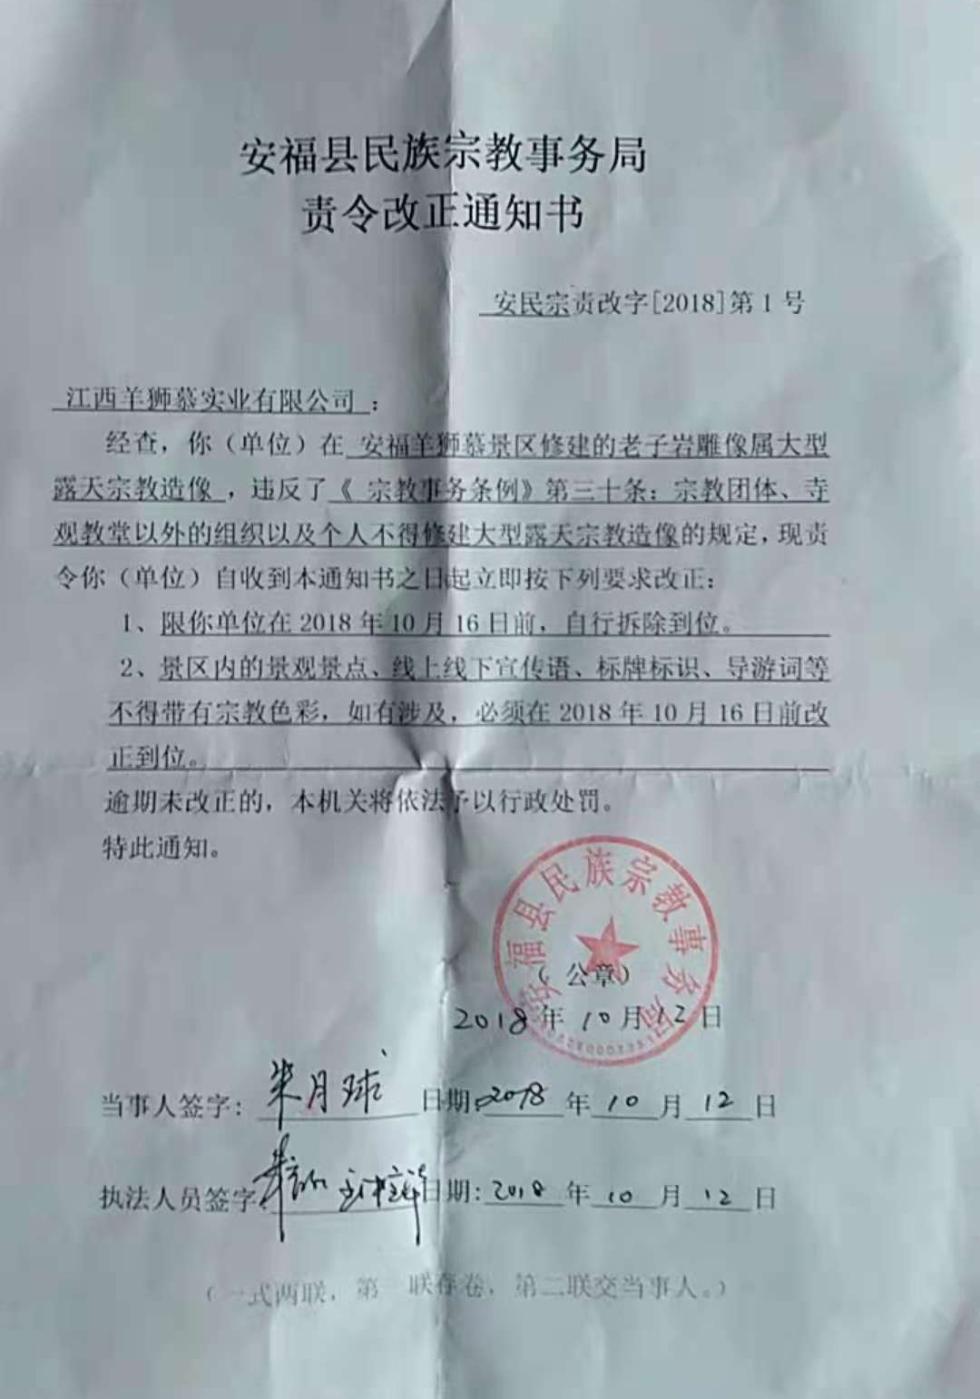 江西大型老子雕像被民宗局勒令拆除 景区:尚未拆除